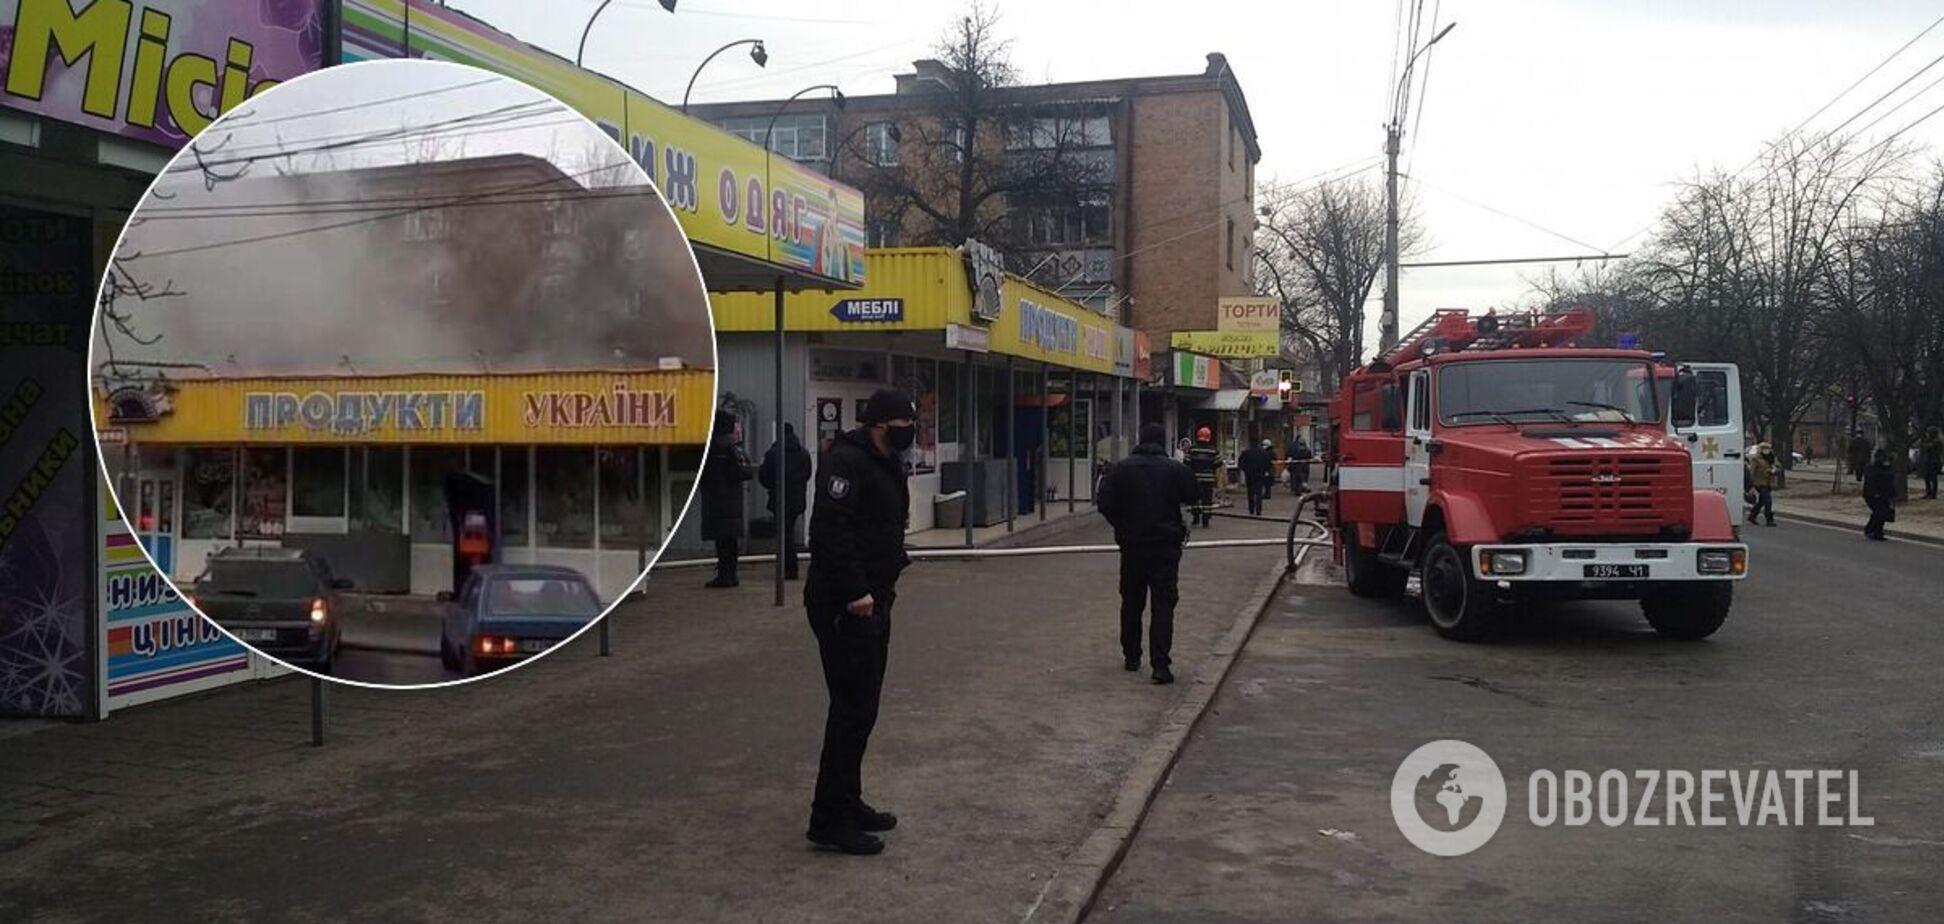 В Черкассах загорелся рынок: из-за пожара перекрыли одну из главных улиц. Фото и видео